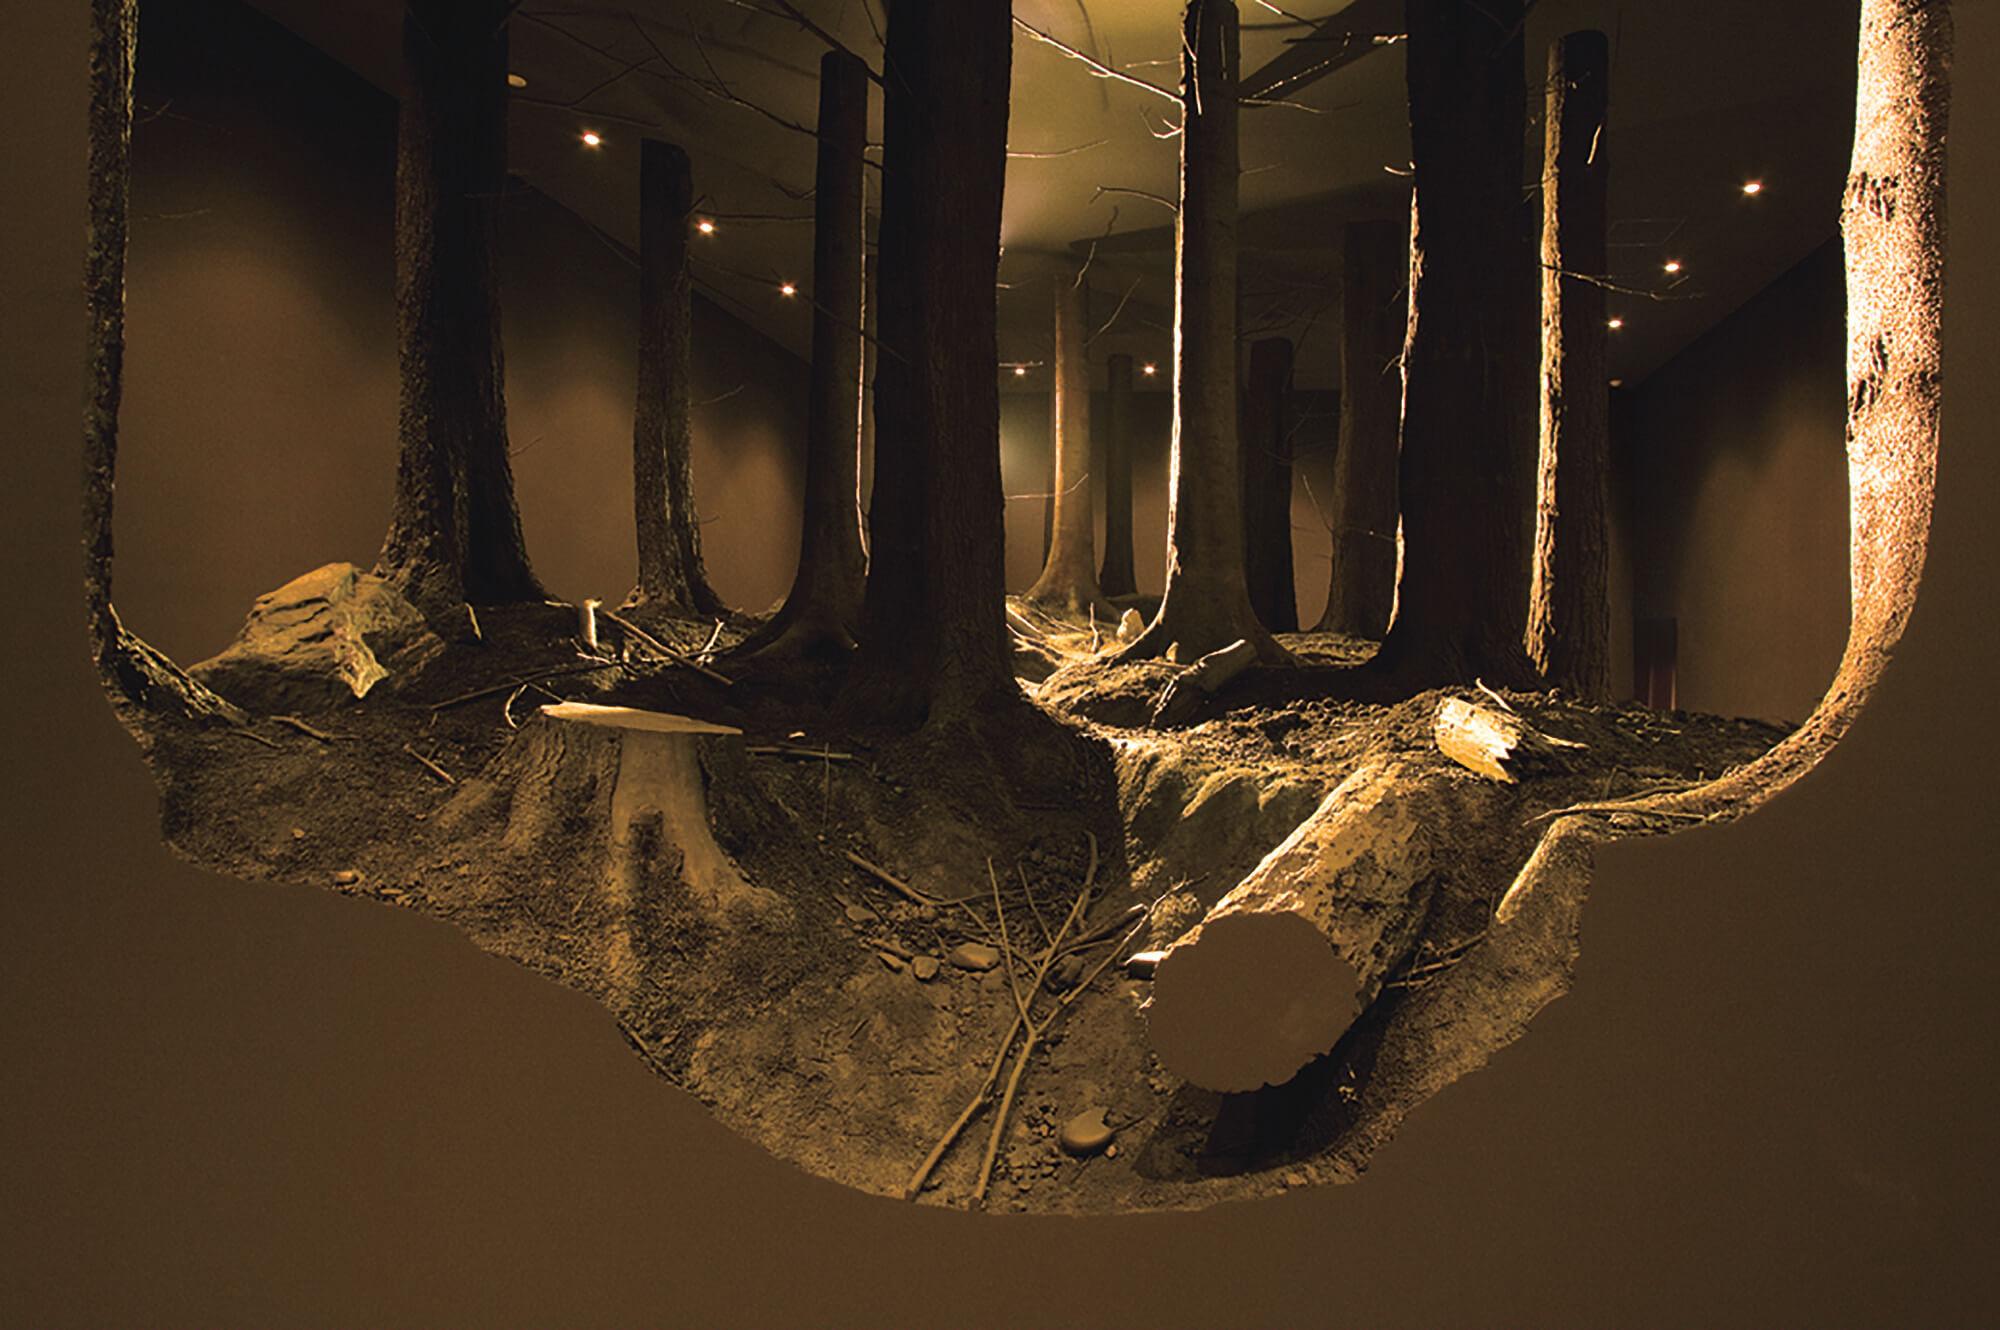 マリール・ノイデッカー This Thing Called Darkness 現代美術 Contemporary Art